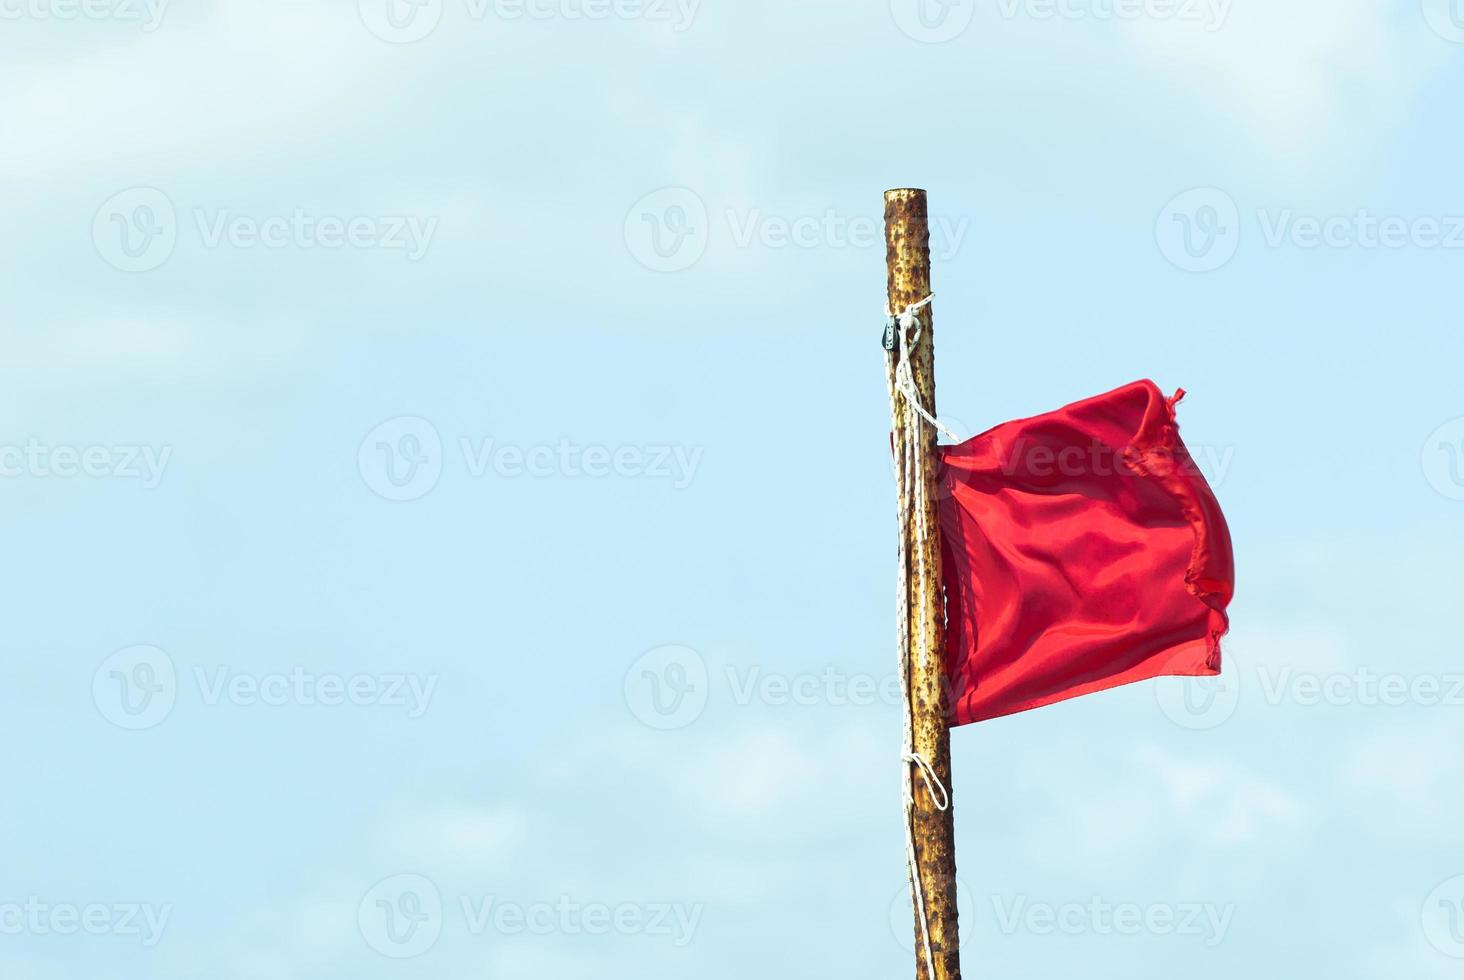 röd bannerflagga mot blå molnhimmel foto